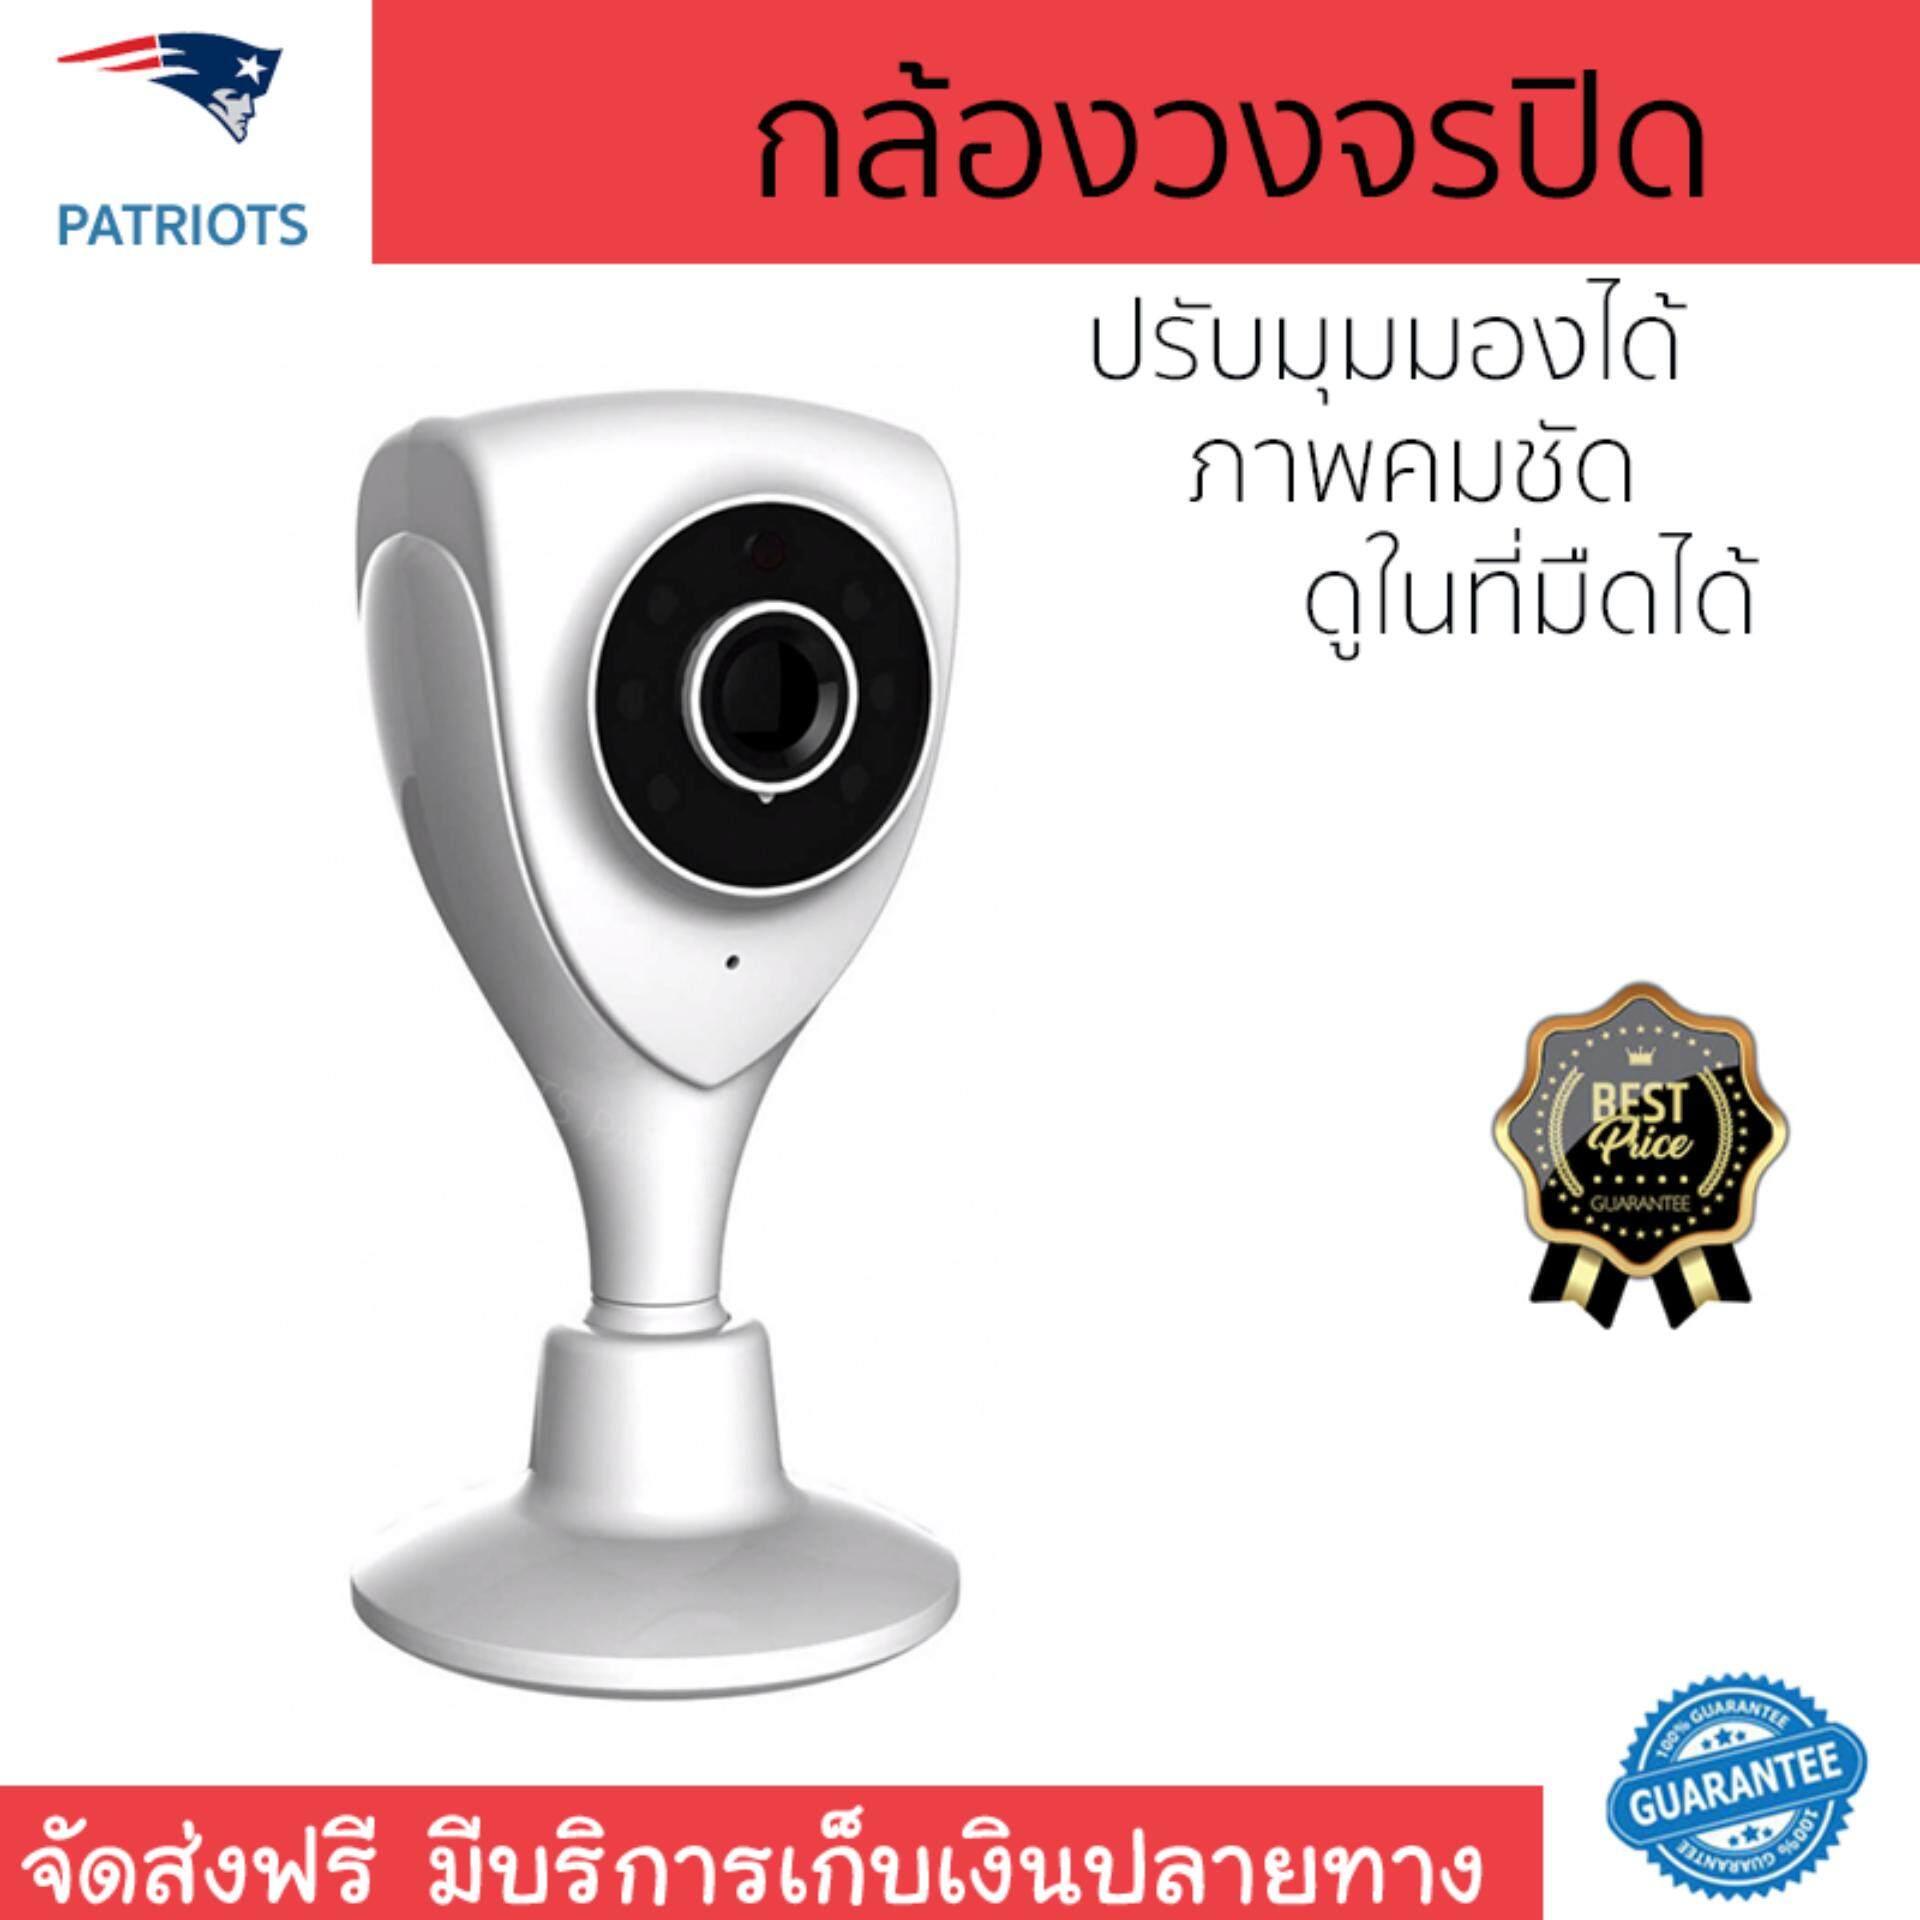 สุดยอดสินค้า!! โปรโมชัน กล้องวงจรปิด           VIMTAG กล้องวงจรปิดภายในบ้าน รุ่น SHIELD 720P-CM1             ภาพคมชัด ปรับมุมมองได้ กล้อง IP Camera รับประกันสินค้า 1 ปี จัดส่งฟรี Kerry ทั่วประเทศ